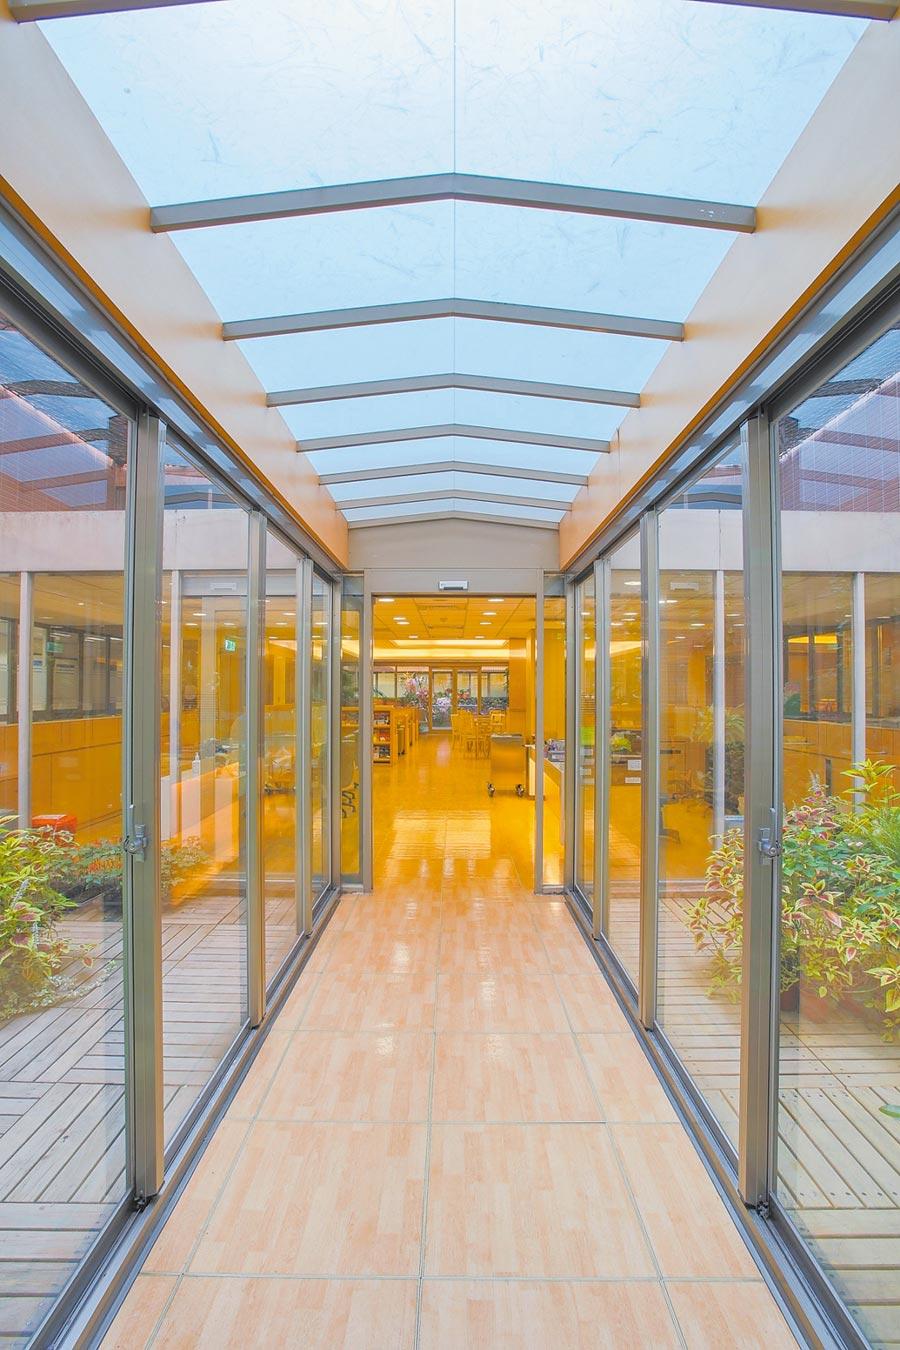 健檢中心雖在地下二樓,卻有天井採光花園設計,大幅減低壓迫感。(新光醫院提供)